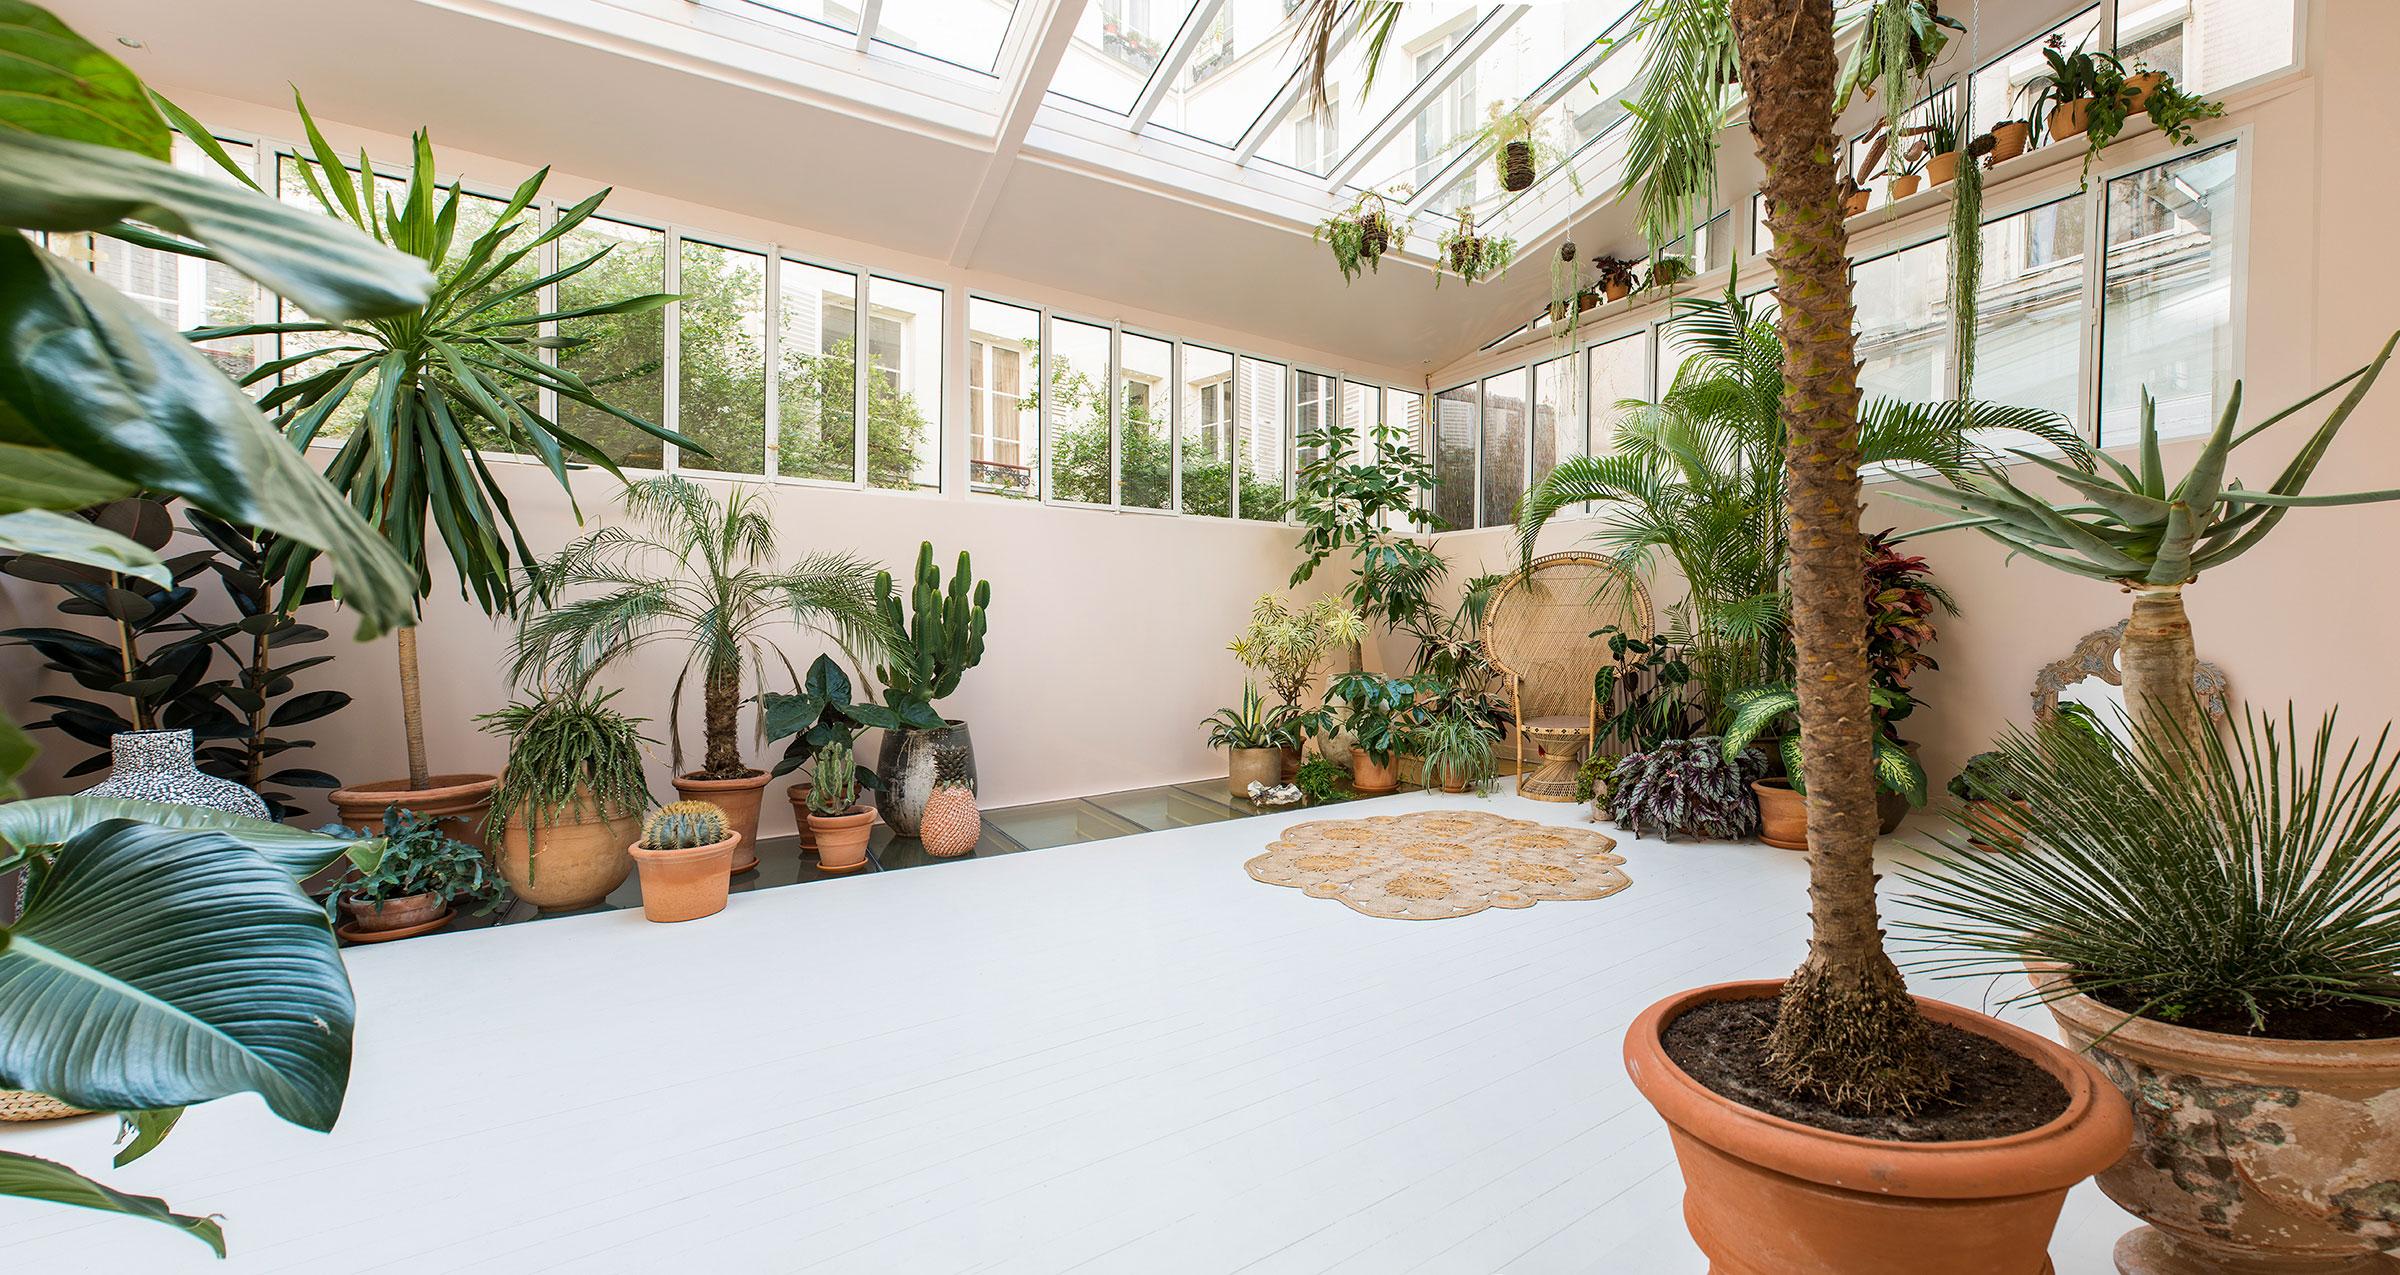 .... Le jardin d'hiver, réalisé par Maison Debeaulieu, surface 42m2. .. The Winter garden, realized by Maison Debeaulieu, surface 42sqm. ....